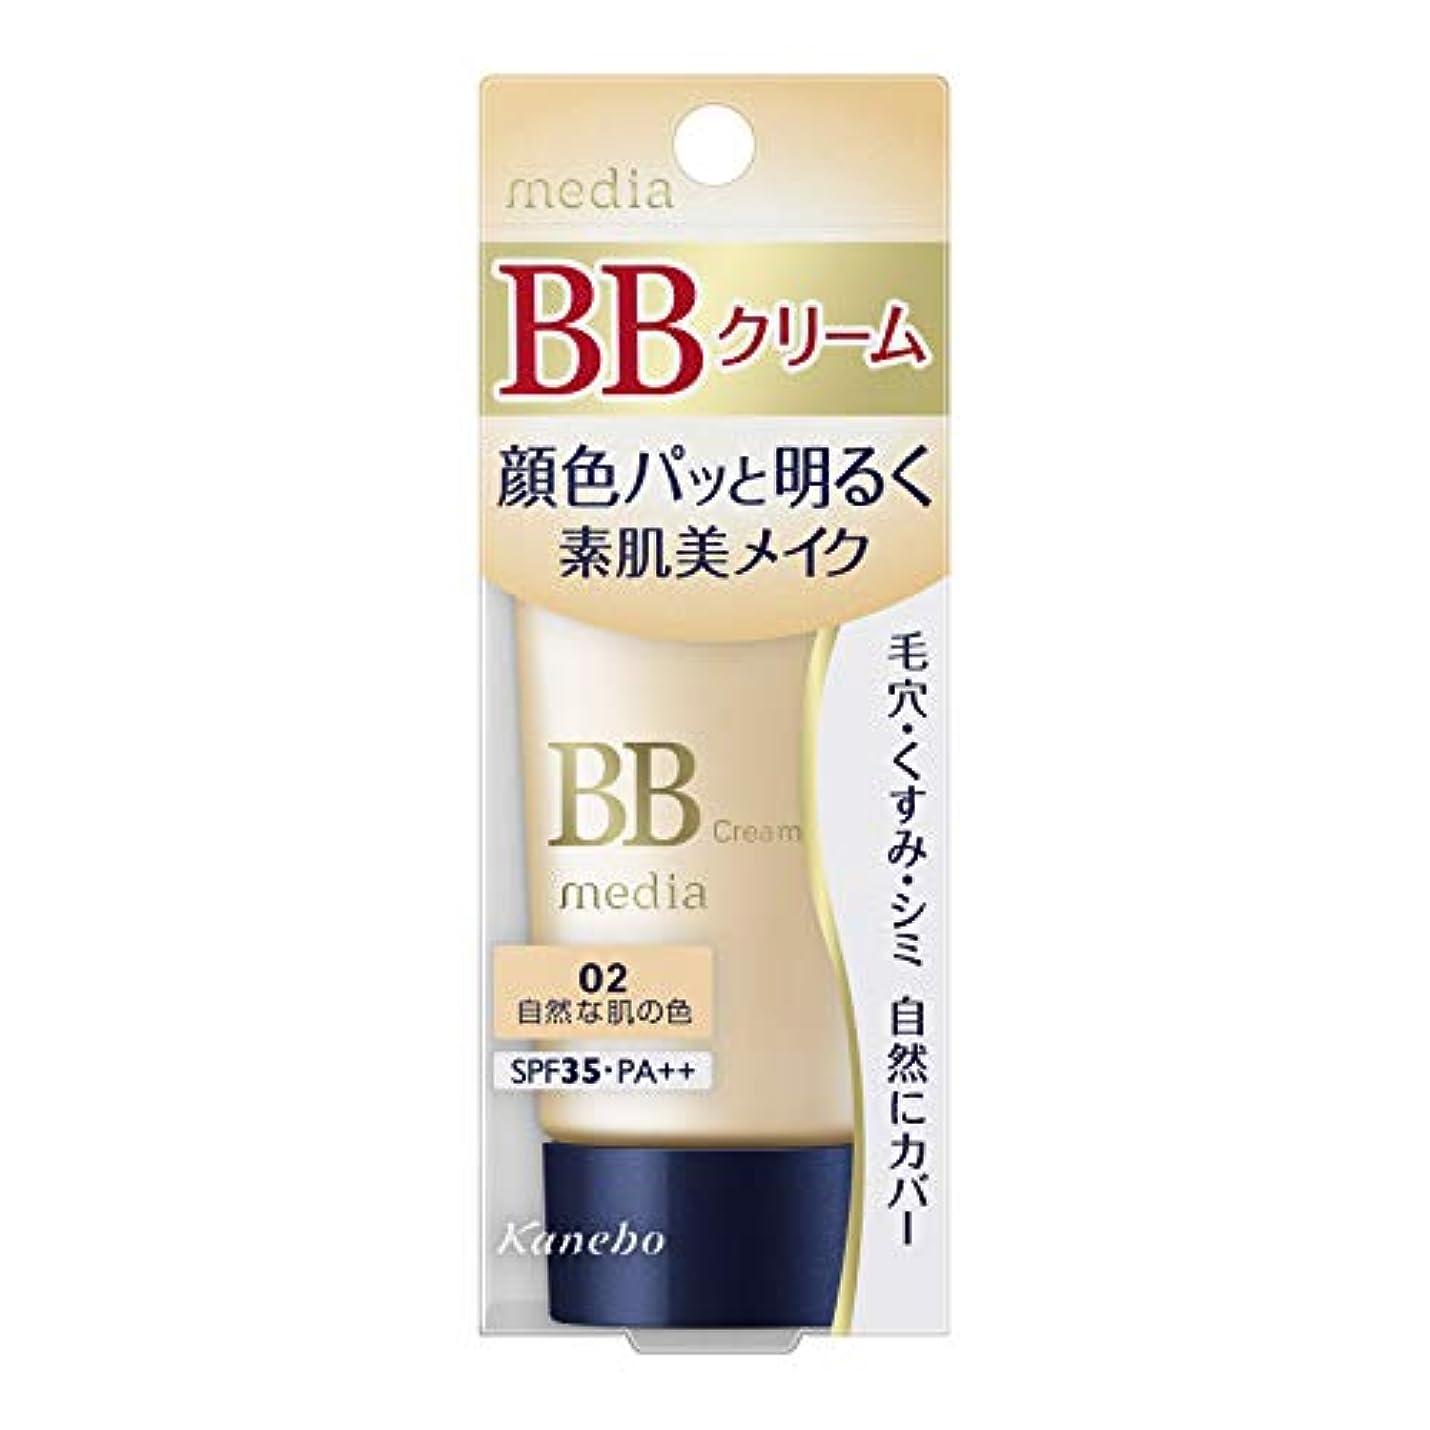 手首コミットメント起きてカネボウ化粧品 メディア BBクリームS 02 35g